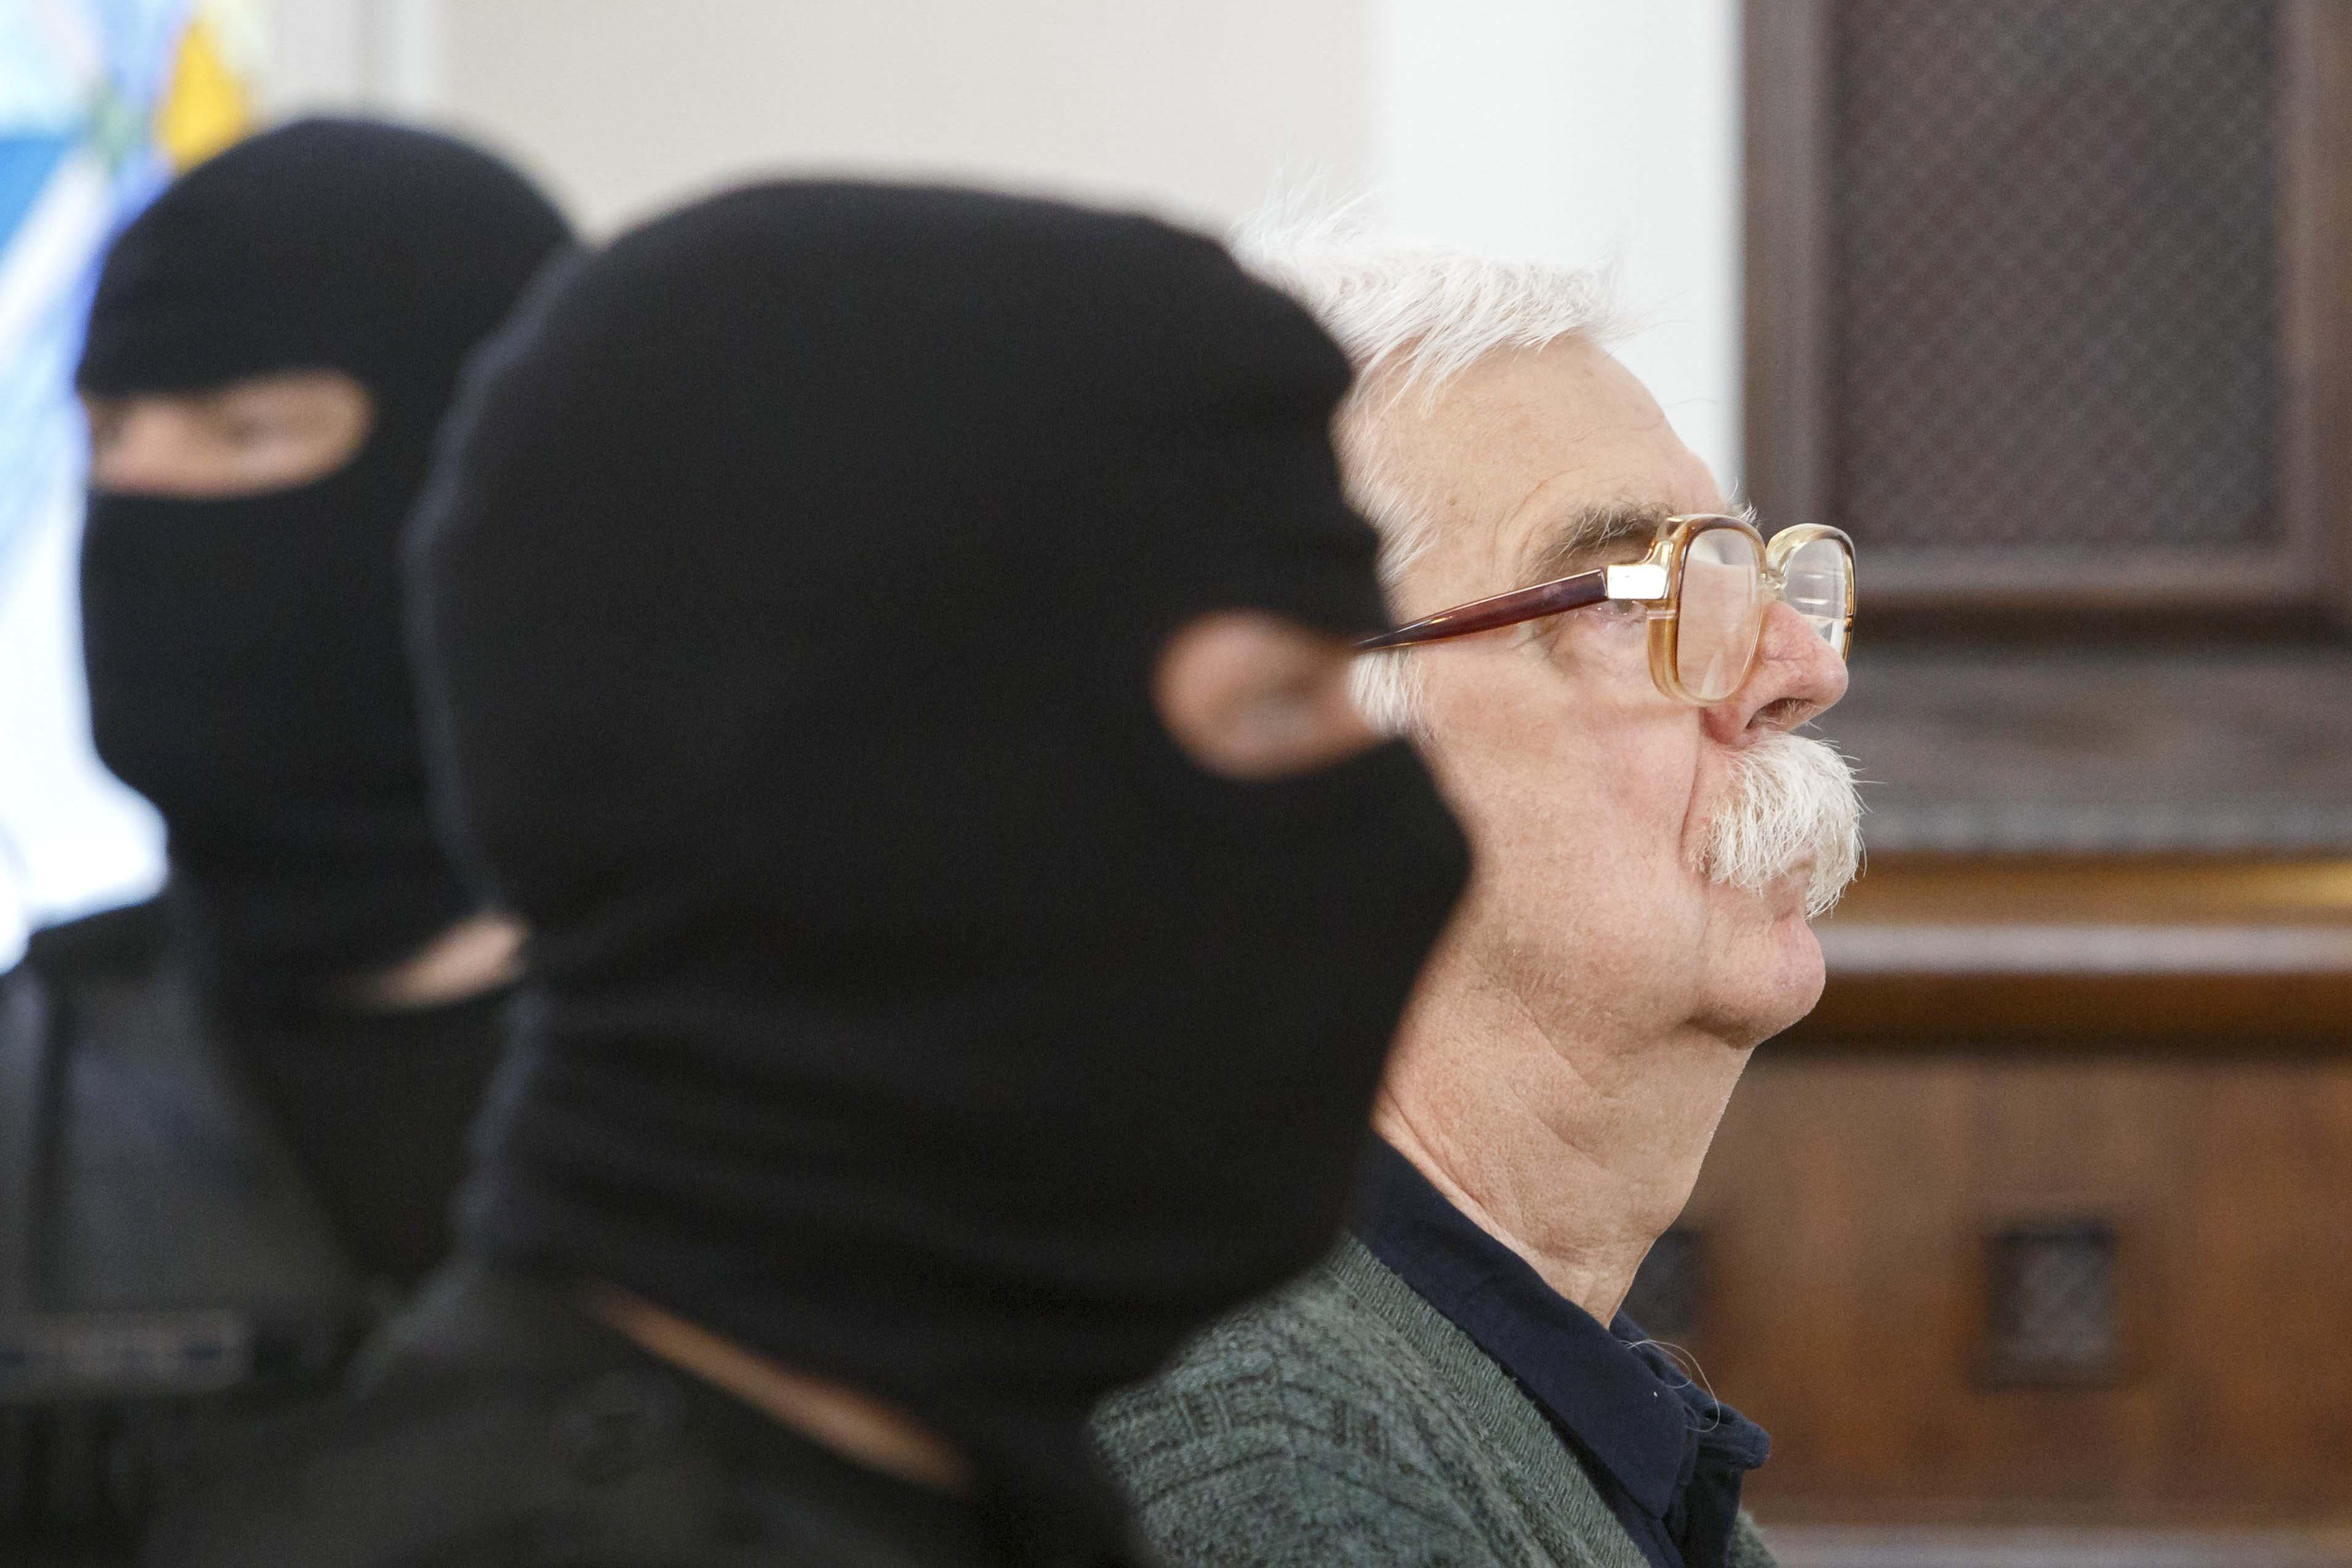 Győrkös azzal védekezett a tárgyaláson, hogy csak véletlenül húzta meg a ravaszt, miután meglőtték